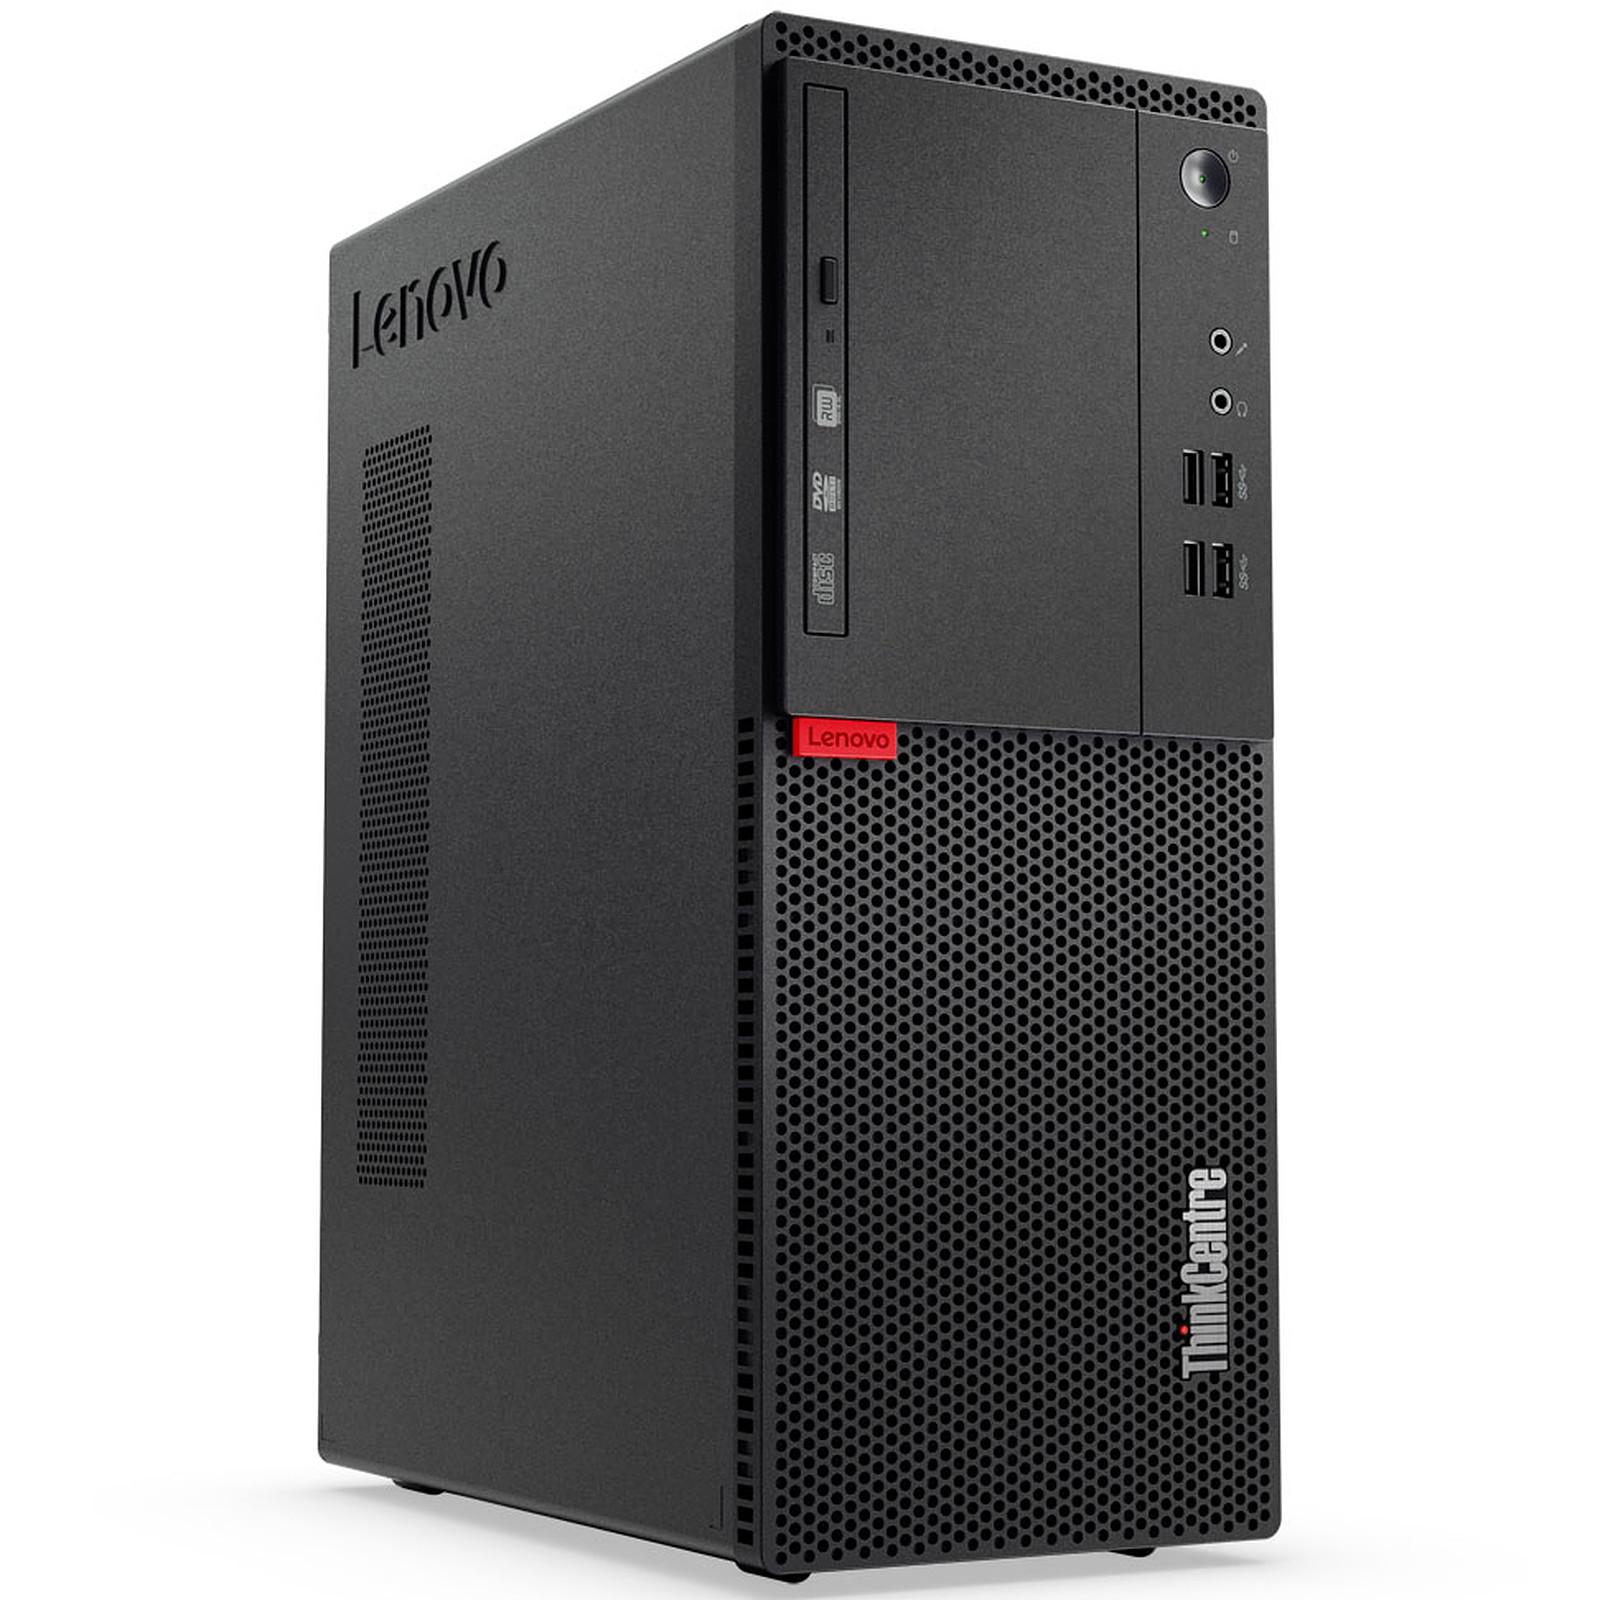 Lenovo ThinkCentre M710 Tour (10M90004FR)